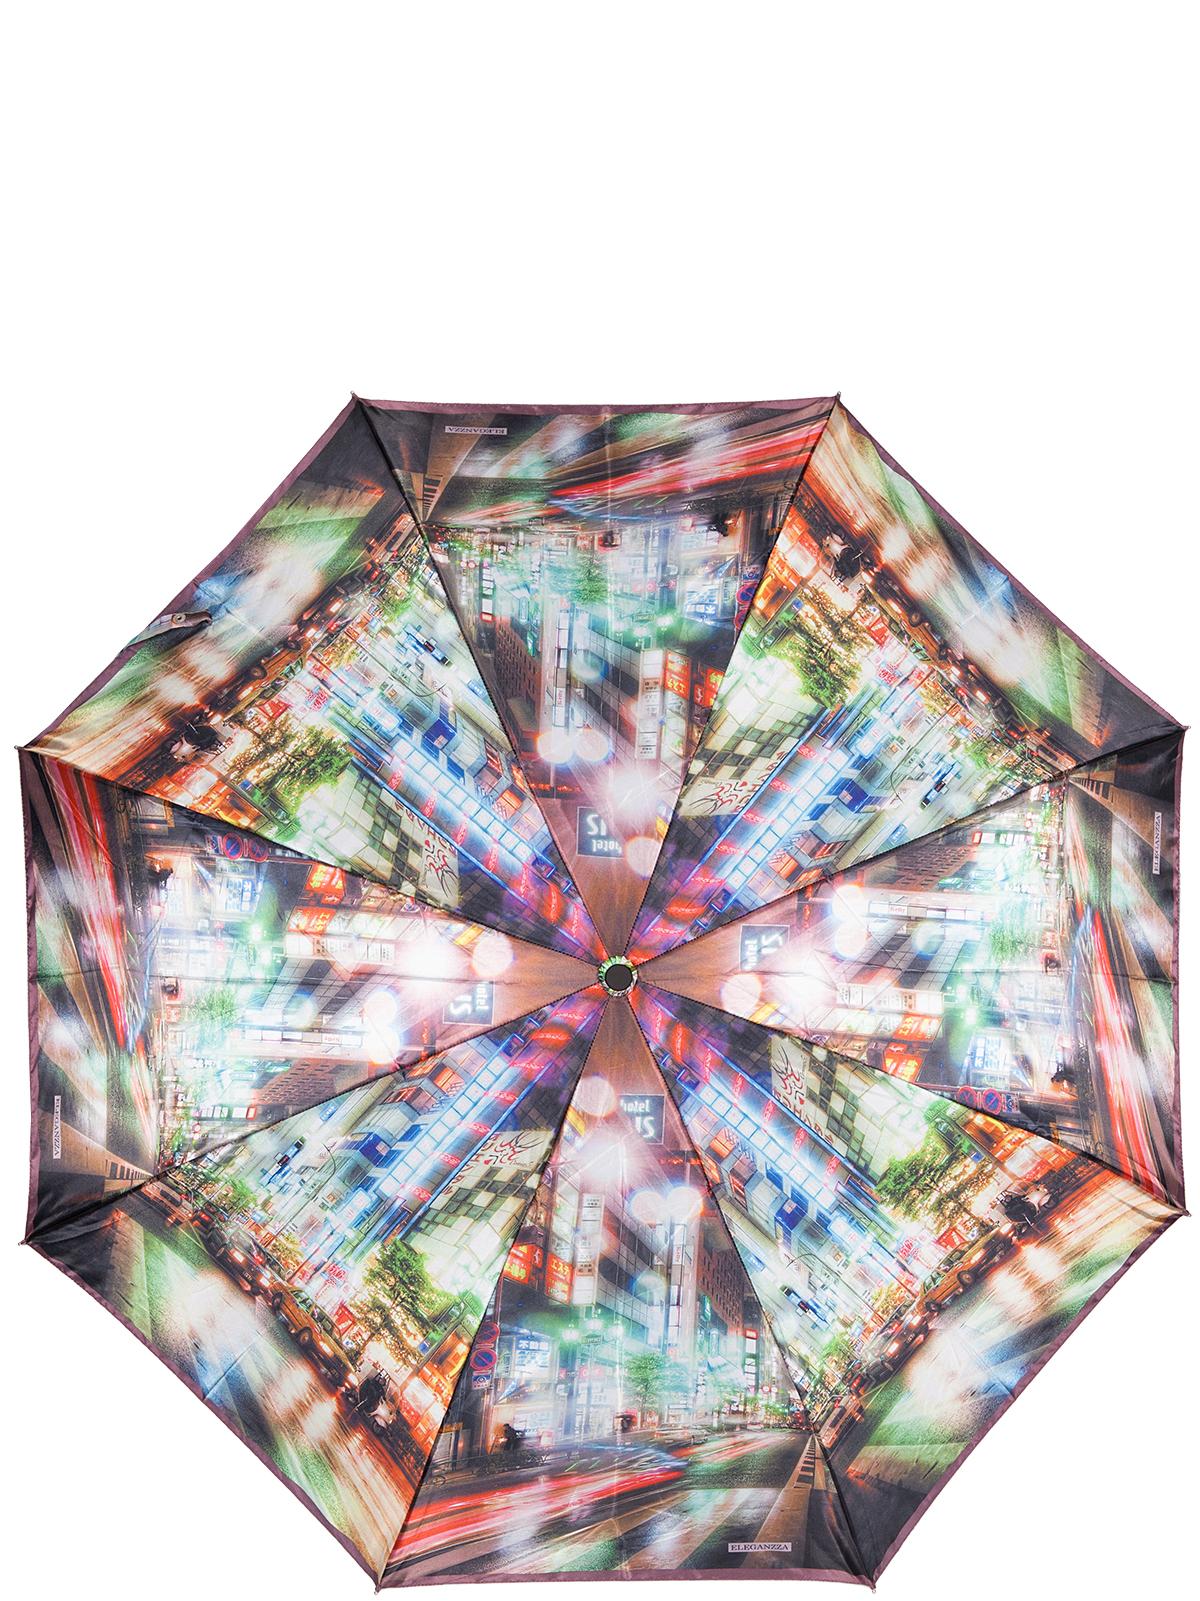 Зонт женский Eleganzza, цвет: коричневый. A3-05-0324LSA3-05-0324LSЖенский зонт-автомат торговой марки Eleganzza с каркасом Smart, который позволяет без особых усилий складывать зонт, не позволяя стержню вылетать обратно. Купол: 100% полиэстер, сатин. Материал каркаса: сталь + фибергласс. Материал ручки: пластик. Длина изделия - 30 см. Диаметр купола - 105 см. Система Smart, не позволяет стержню при сложении вылететь обратно, это облегчает сложение зонта! При сложении есть характерный звук-треск, как трещетка. Примечание: зонт не откроется с кнопки если его не закрыть до щелчка.